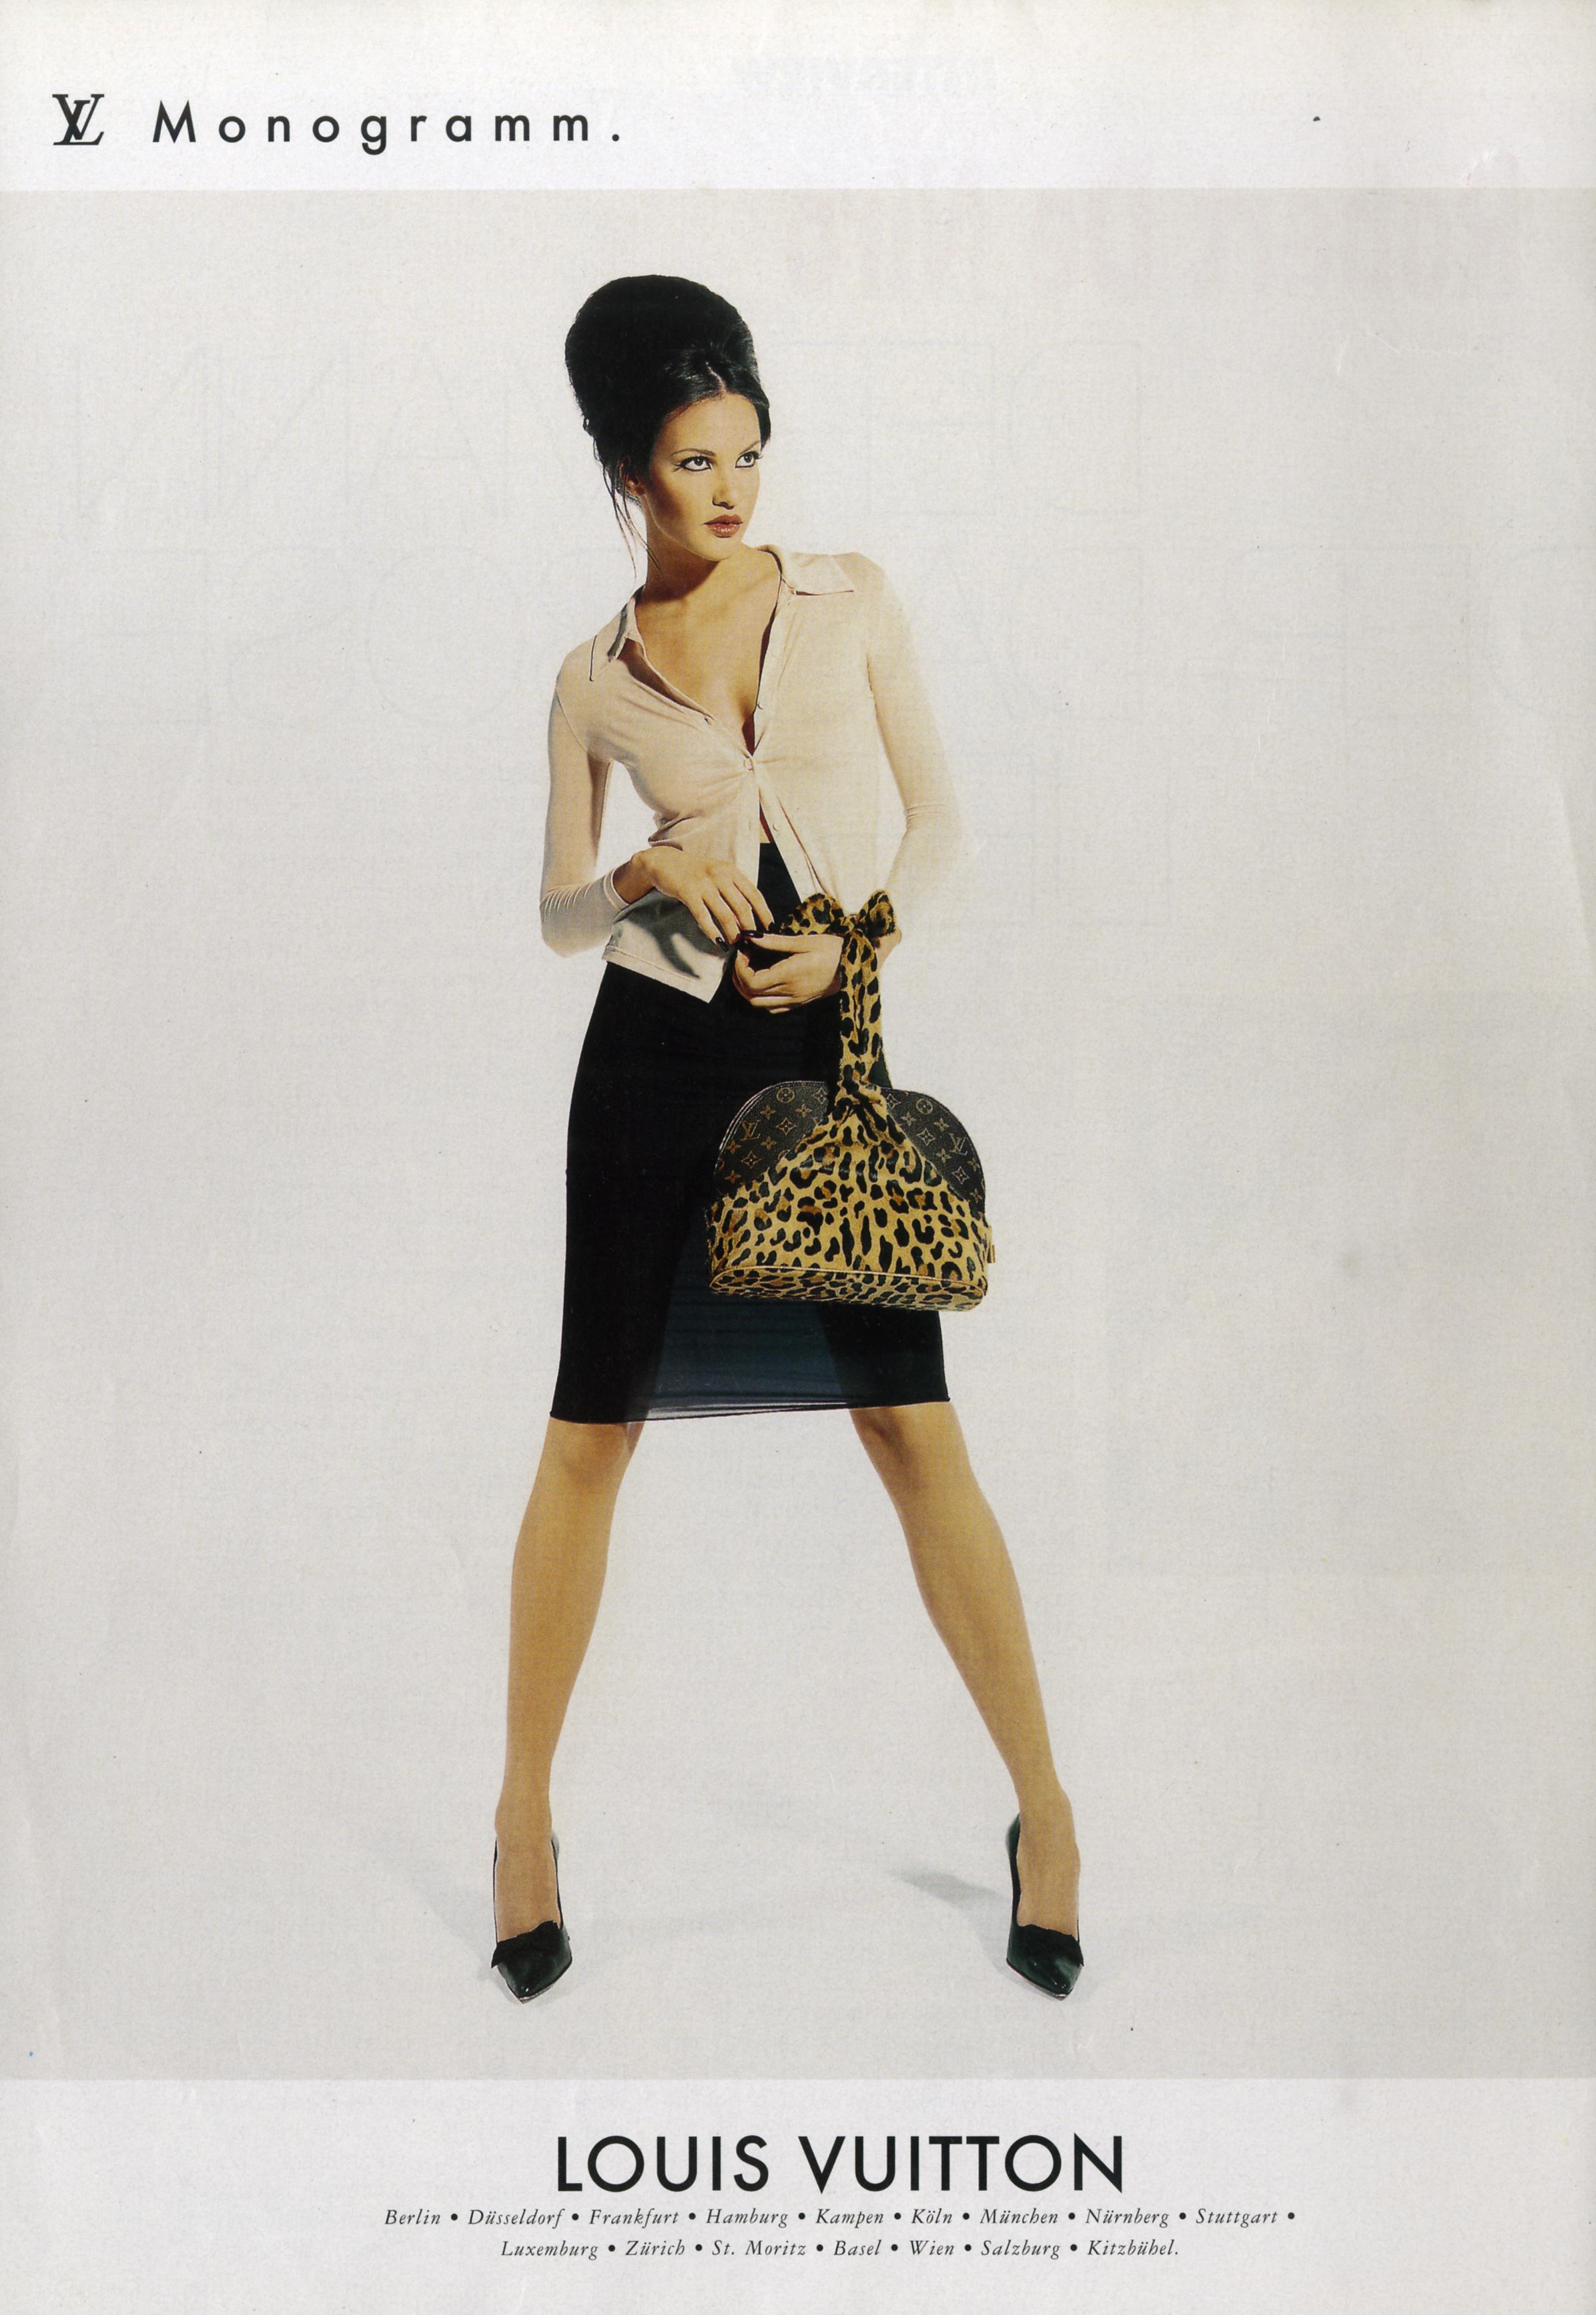 Louis Vuitton Campaign, Guzman